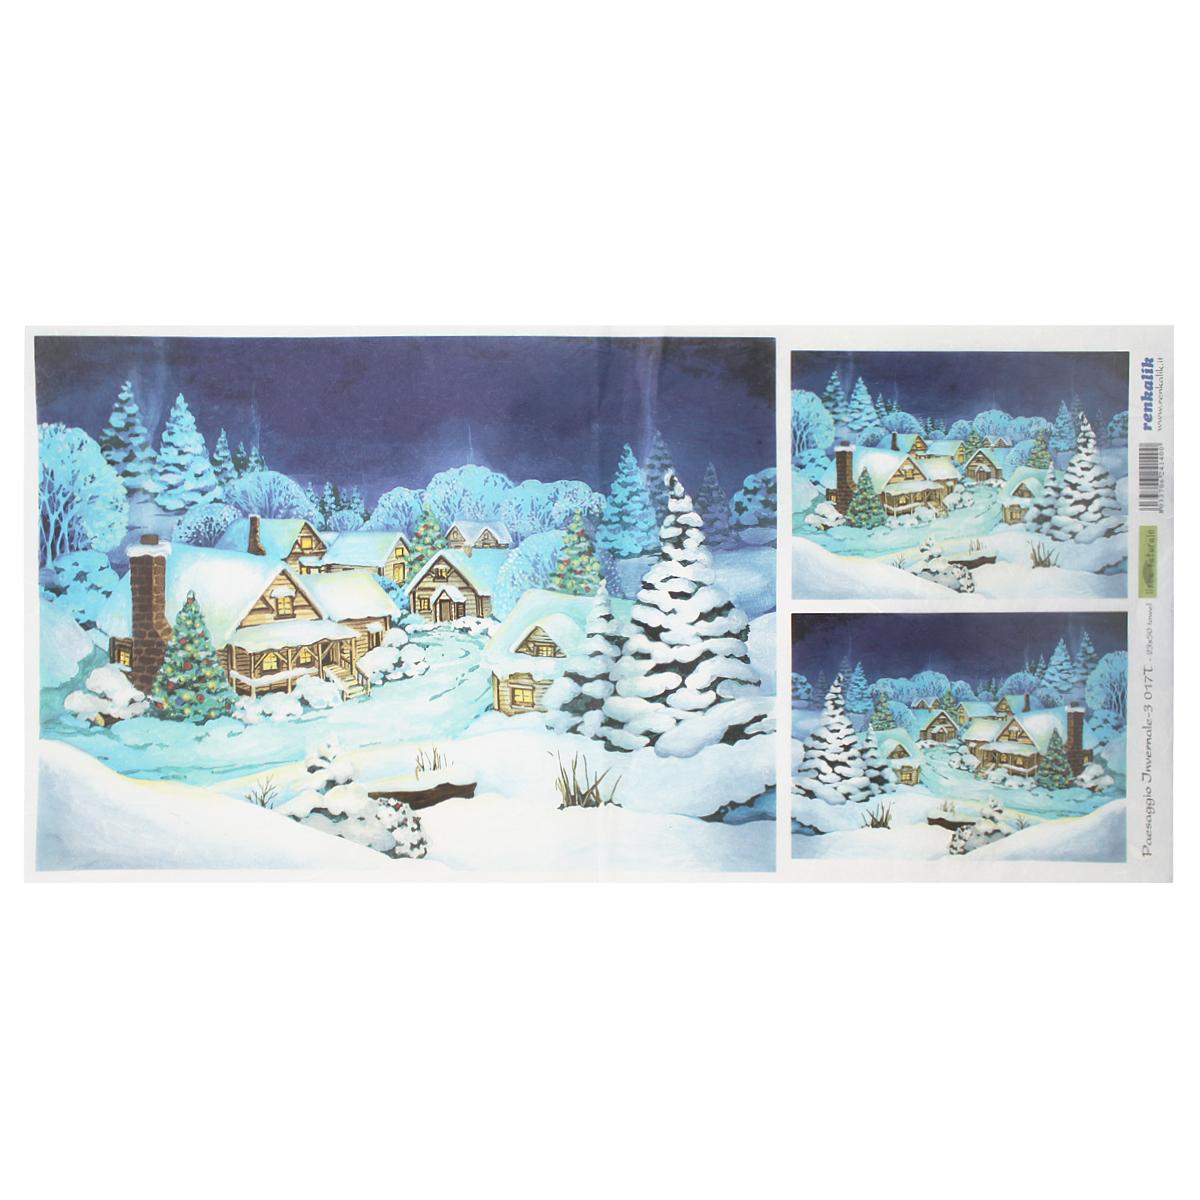 Рисовая бумага для декупажа Renkalik Зимний пейзаж, 23 х 50 см7716606Бумага для декупажа Renkalik предназначена для декорирования предметов. Имеет в составе прожилки риса, которые очень красиво смотрятся на декорируемом изделии, придают ему неповторимую фактуру и создают эффект нанесенного кистью рисунка. Подходит для декора в технике декупаж на стекле, дереве, пластике, металле и любых других поверхностях. Плотность бумаги: 25 г/м2.